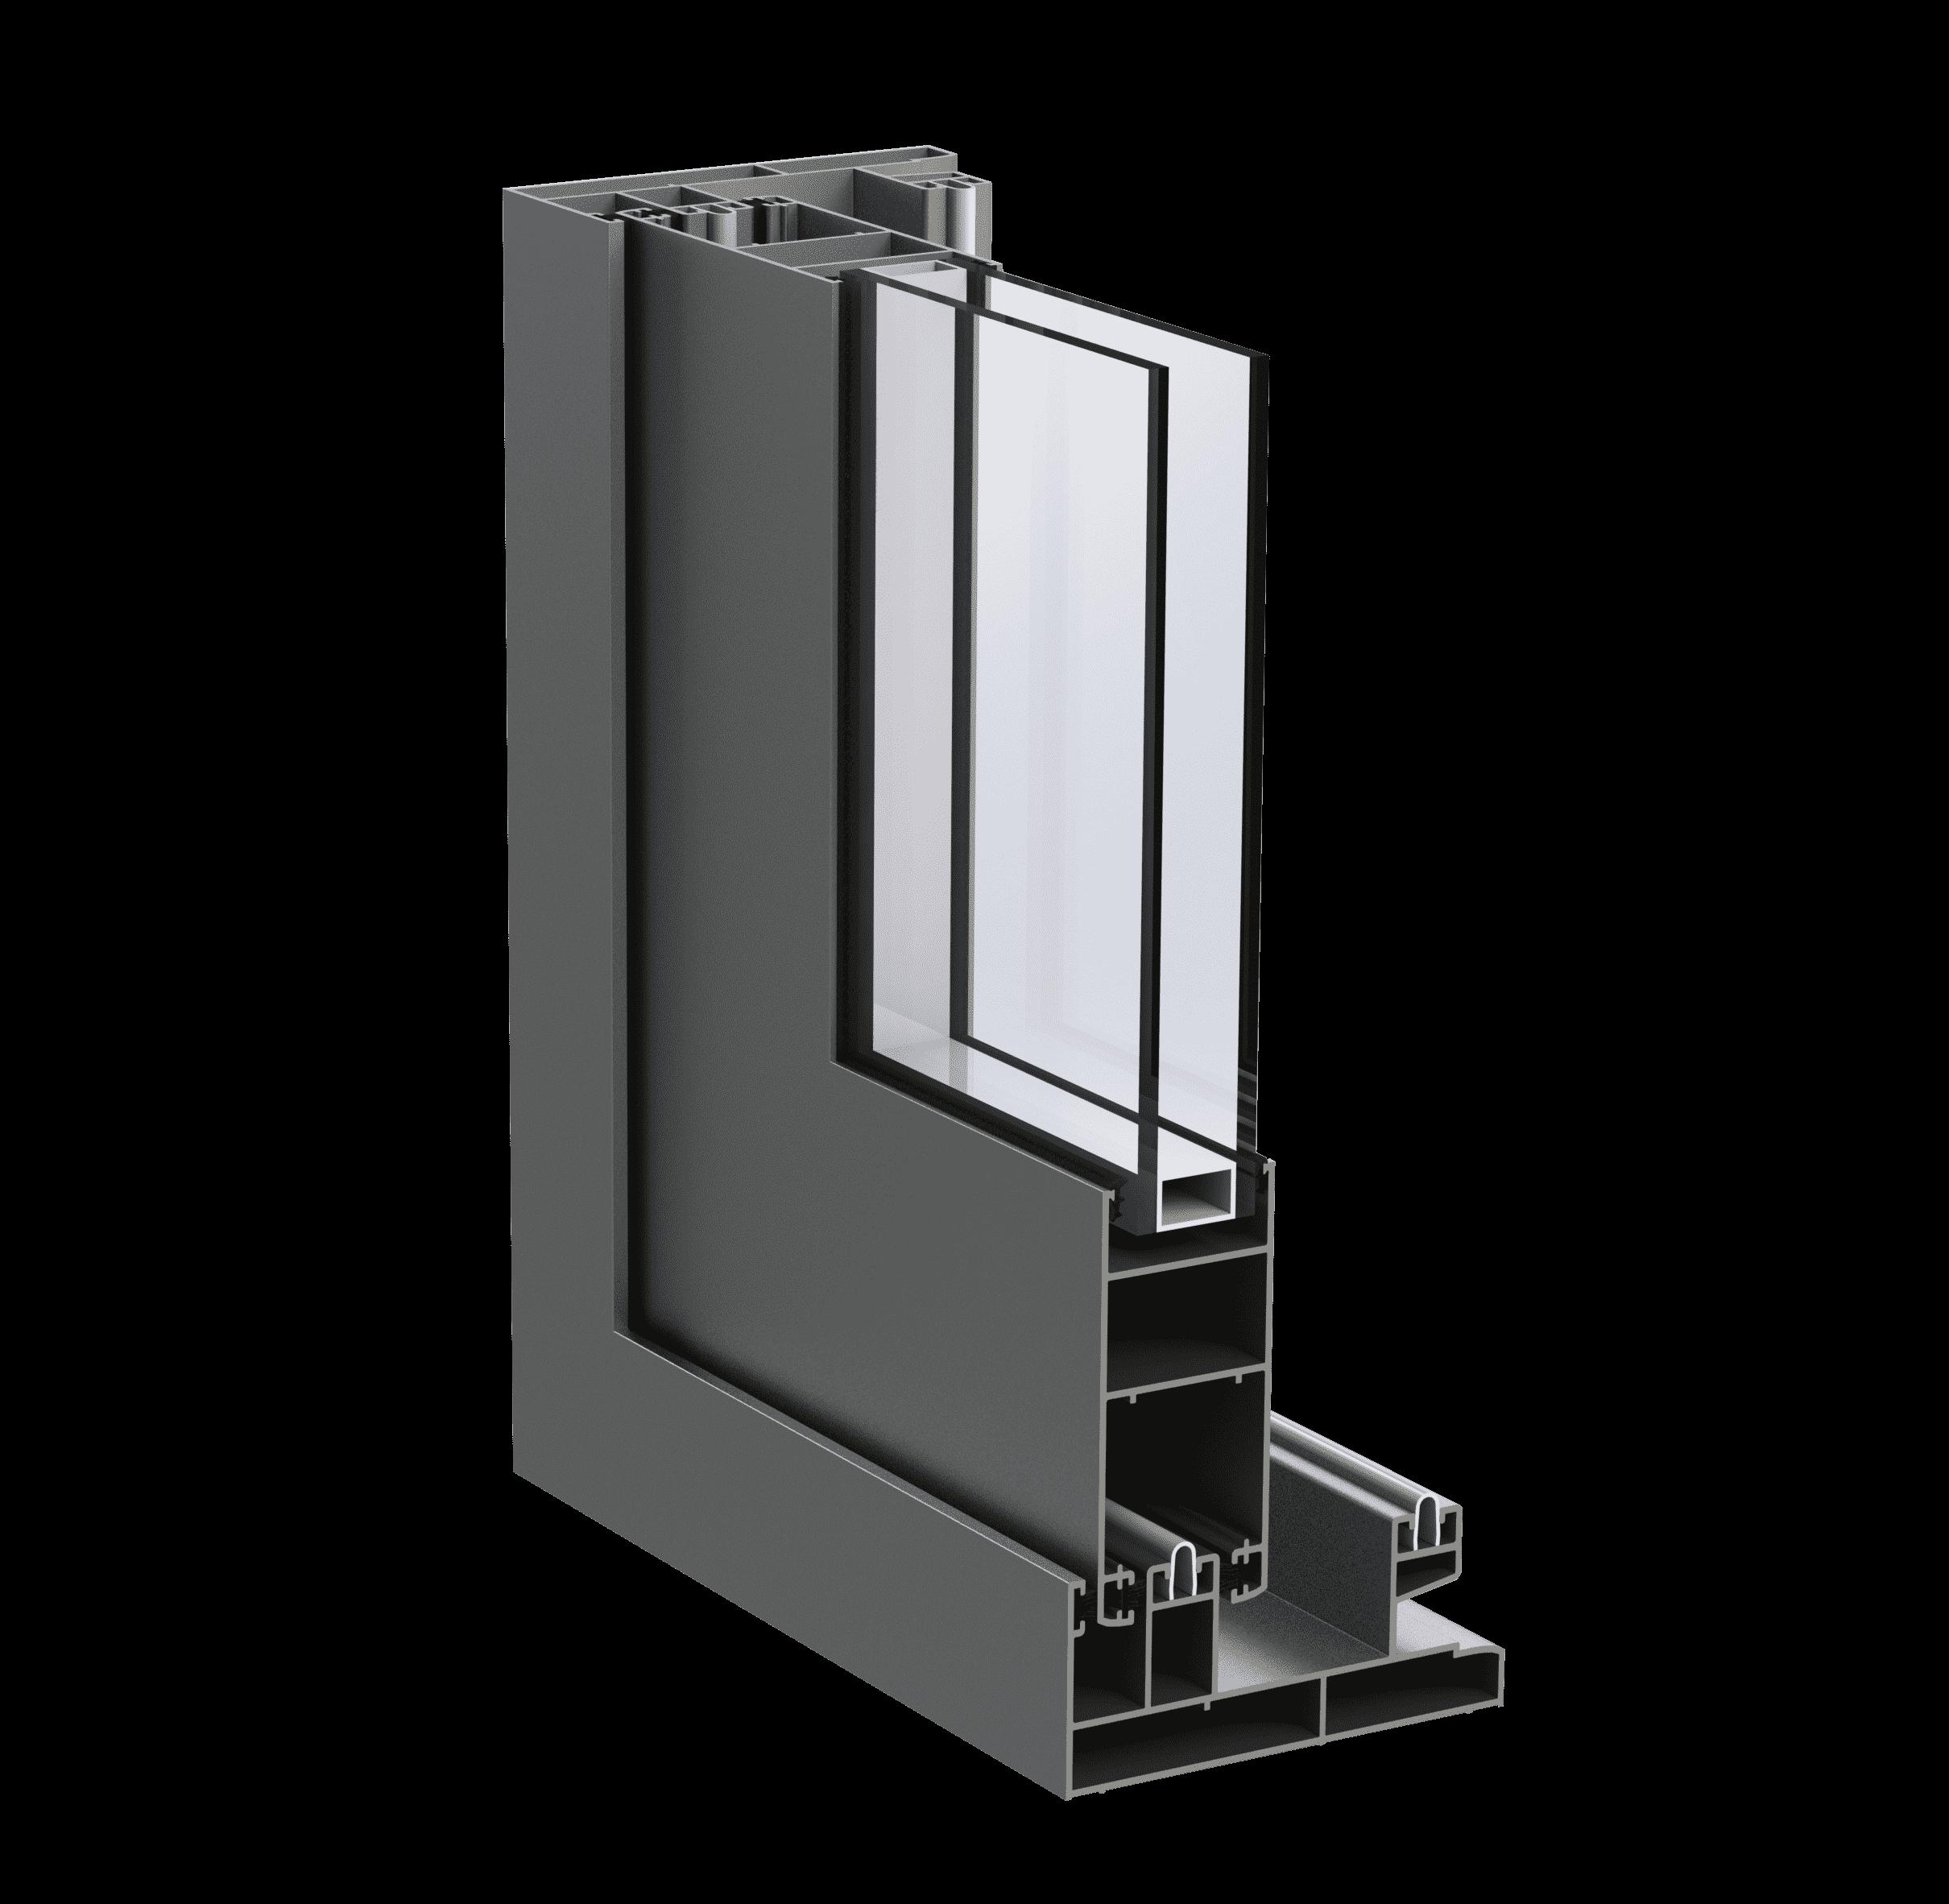 Розсувна віконно-дверна алюмінієва система alumil m14000 для дилерів від EKIPAZH